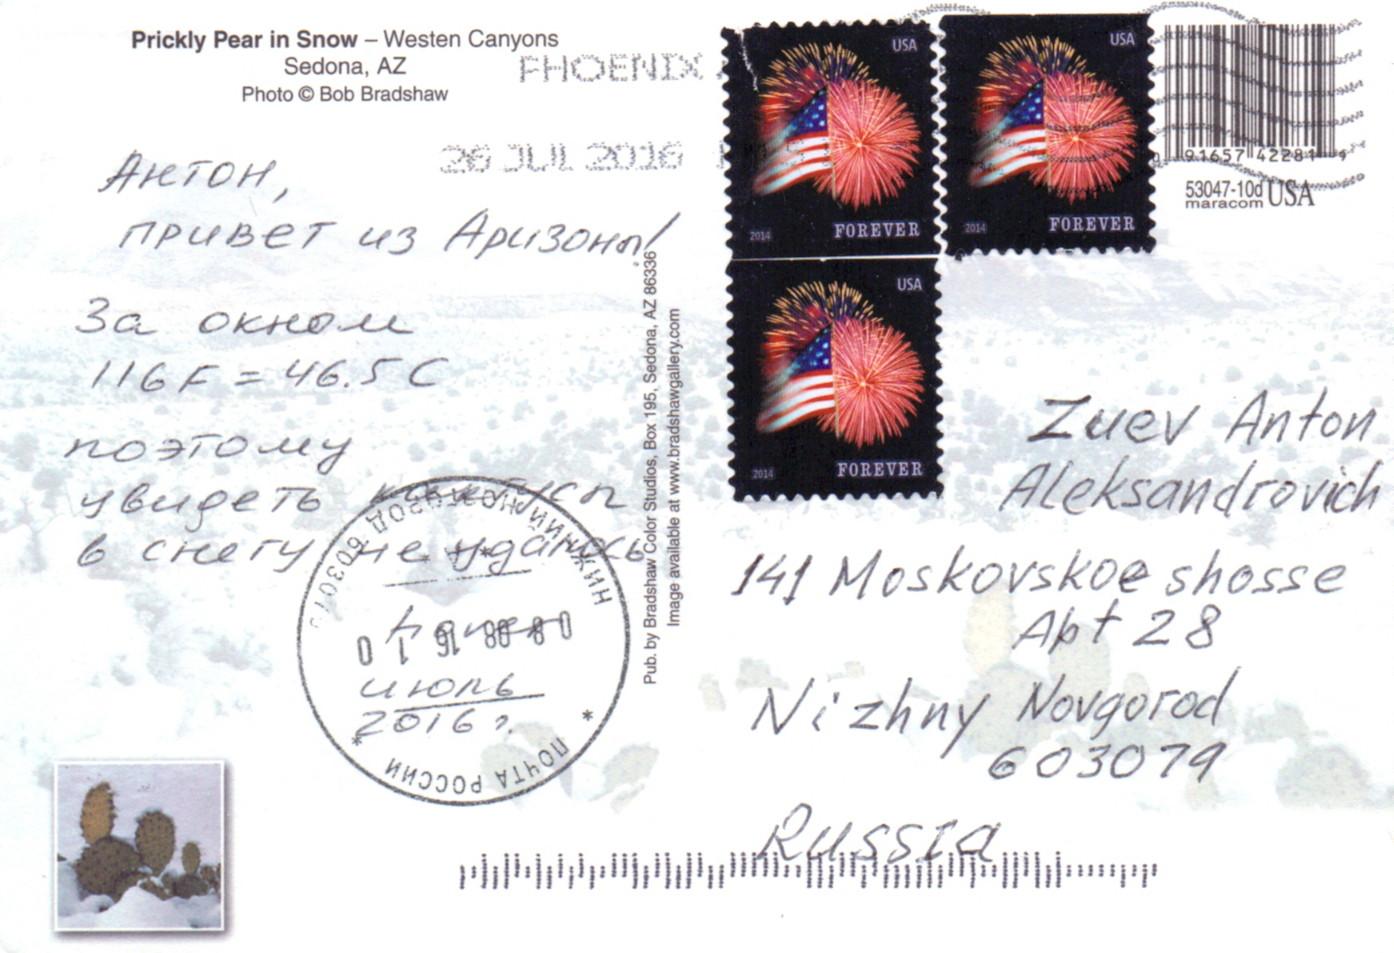 Как отправить открытку из венеции, понедельник работу